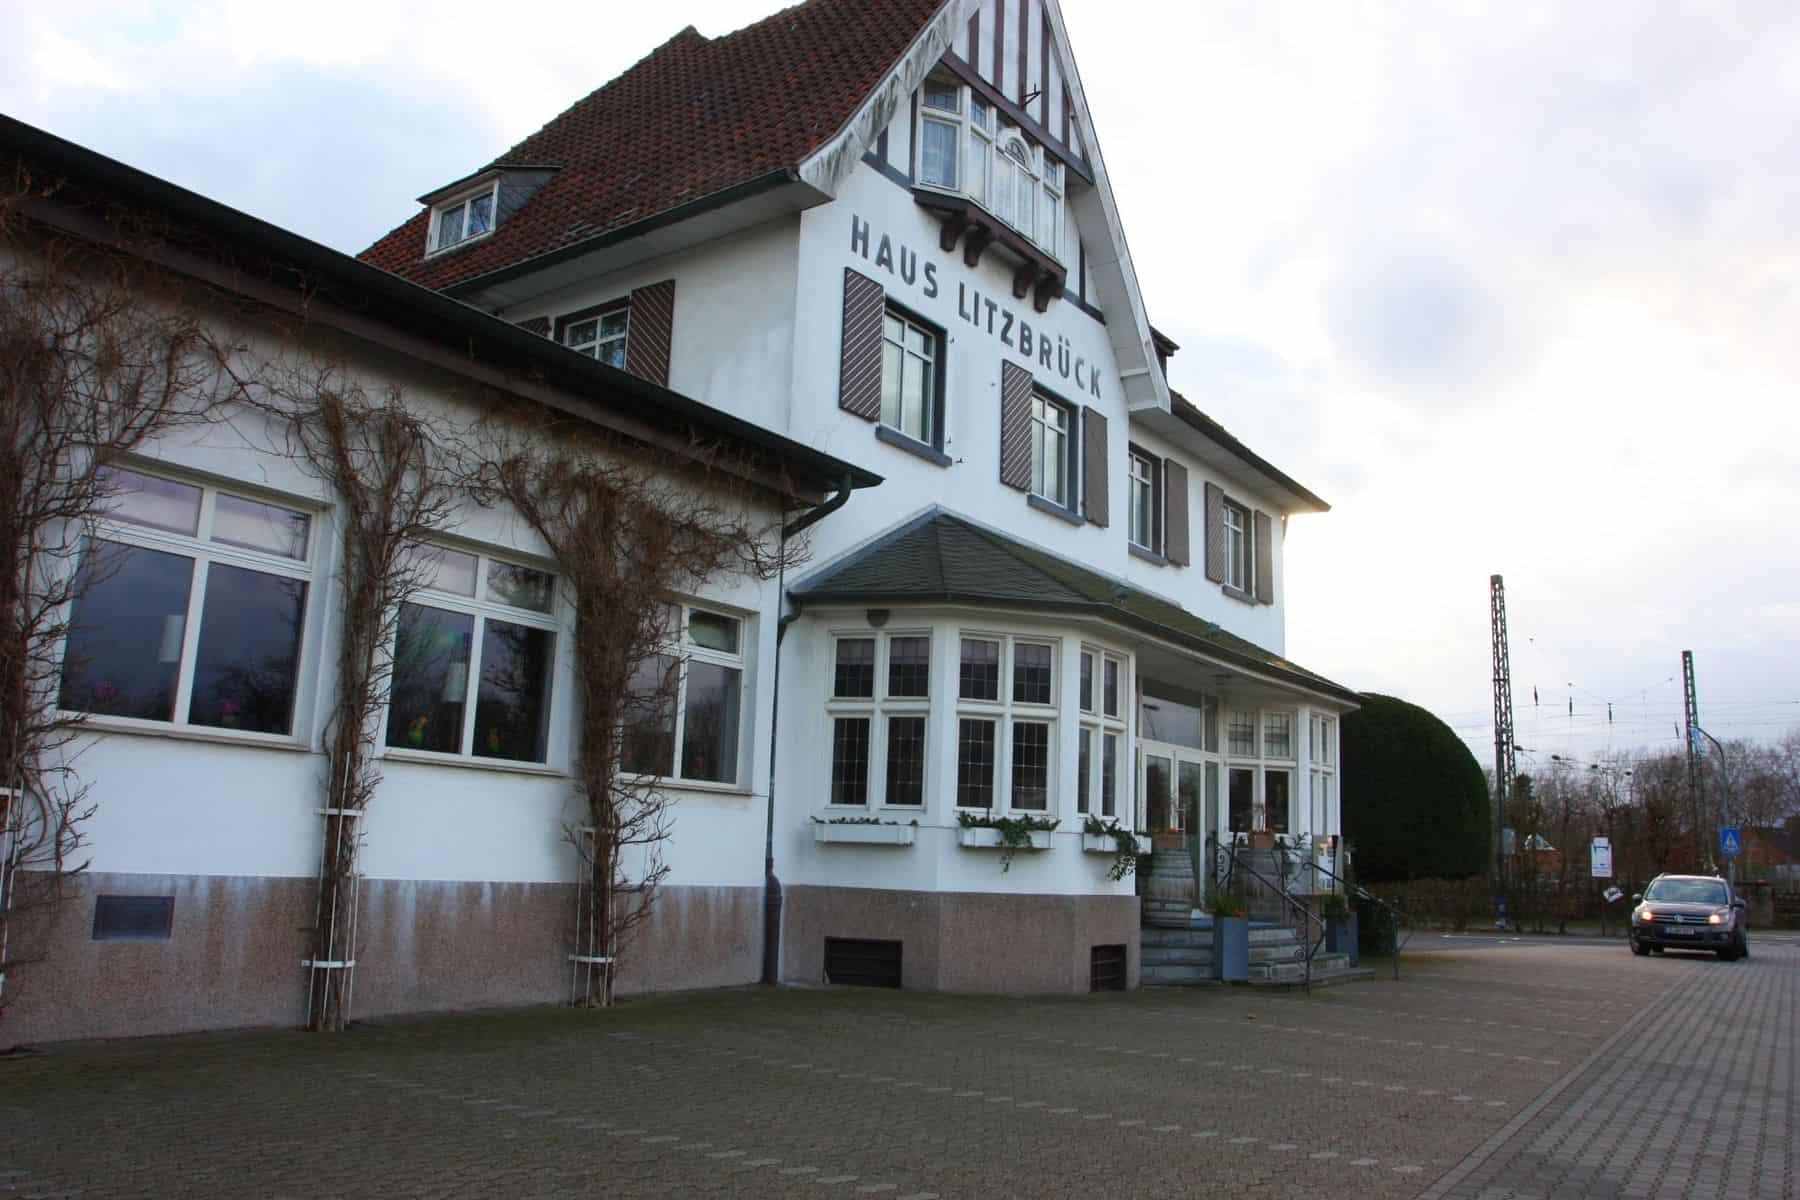 Haus Litzbrück - im Herzen Angermunds (Foto: G. Schreckenberg)